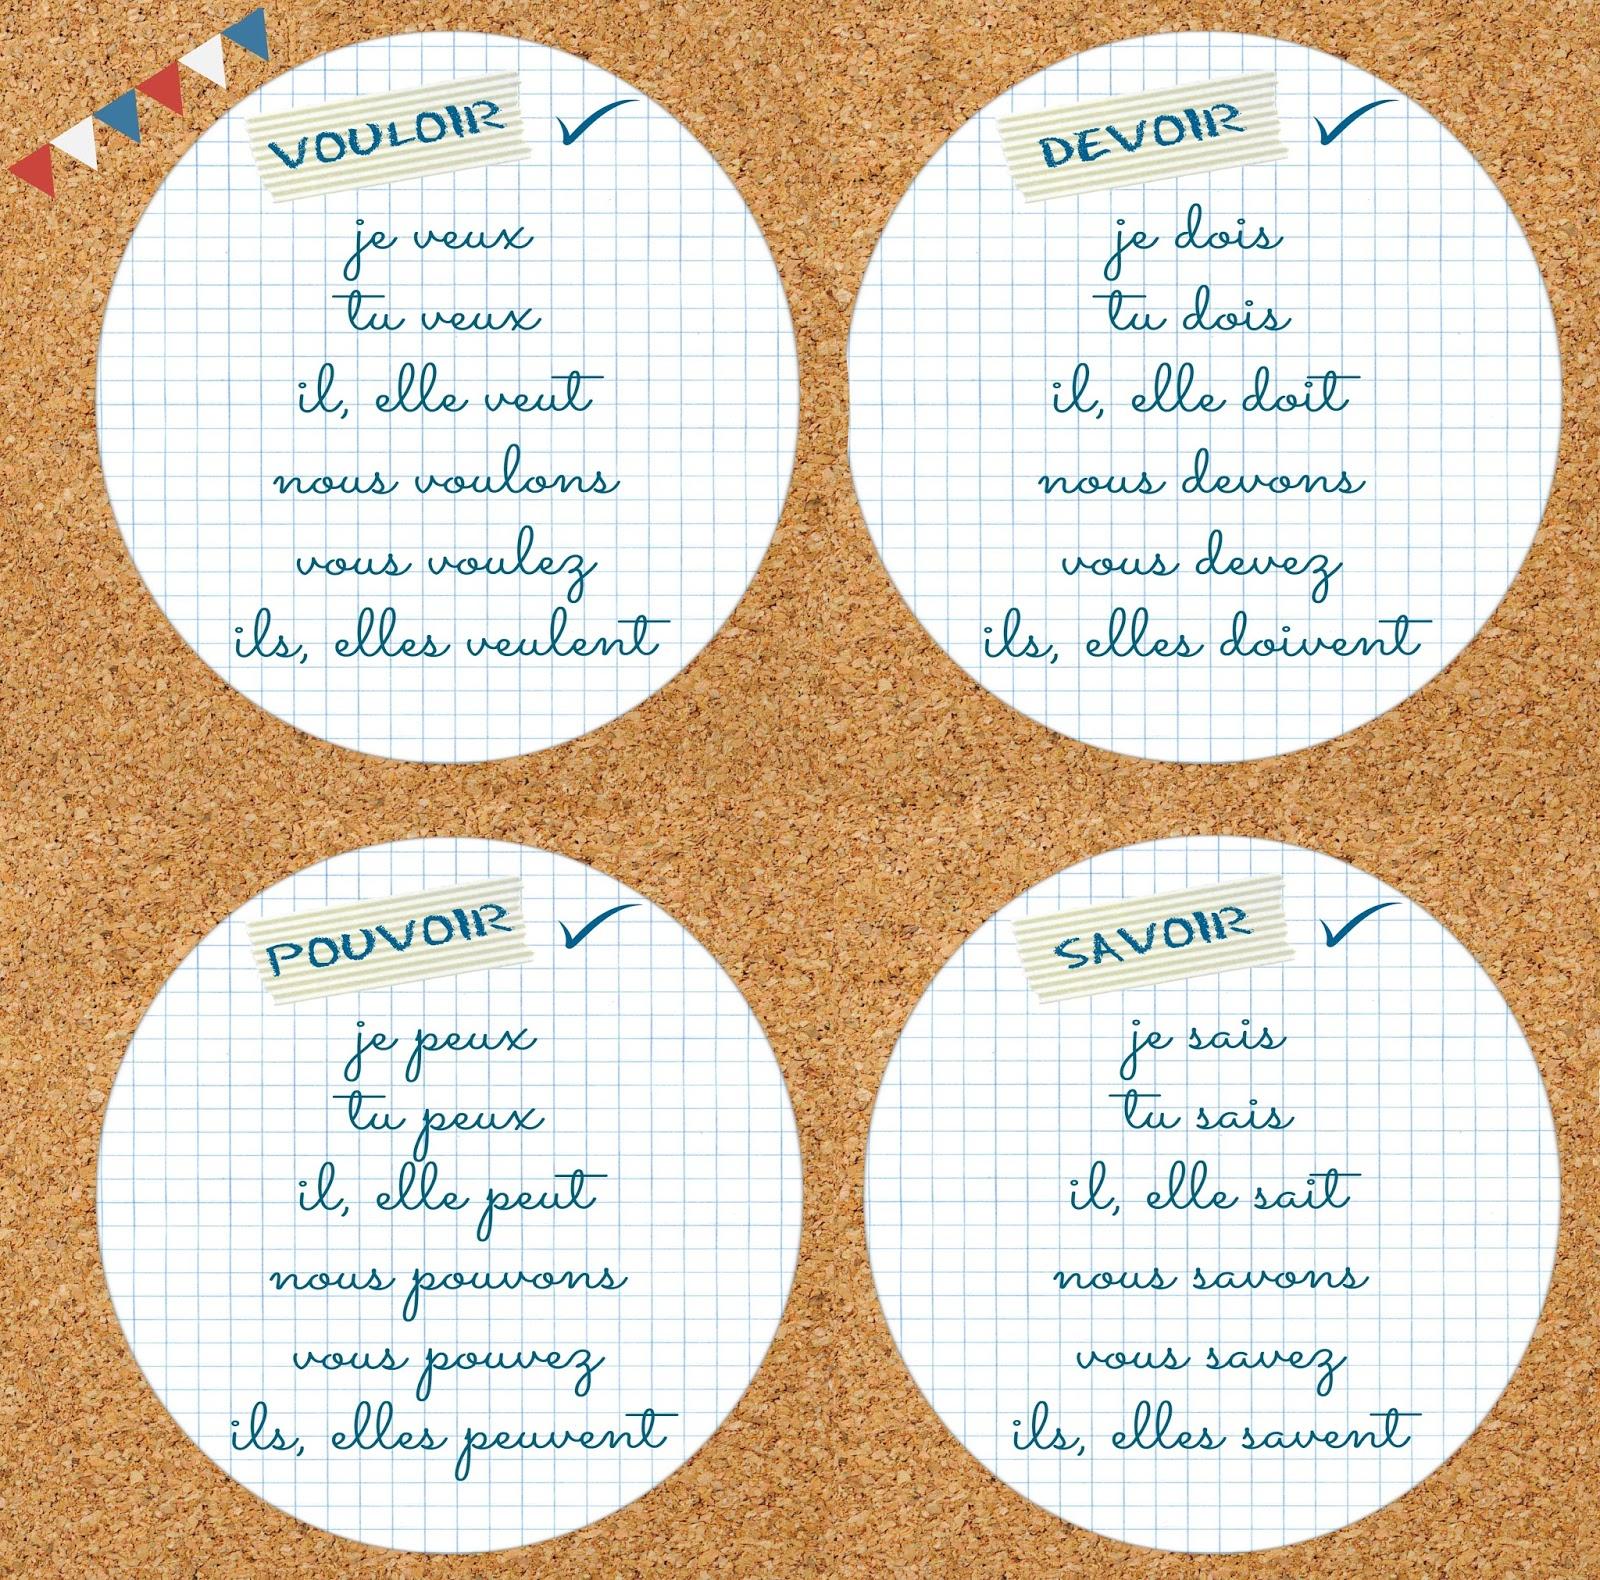 Czasowniki modalne: devoir, savoir, pouvoir i vouloir - odmiana czasowników modalnych - Francuski przy kawie